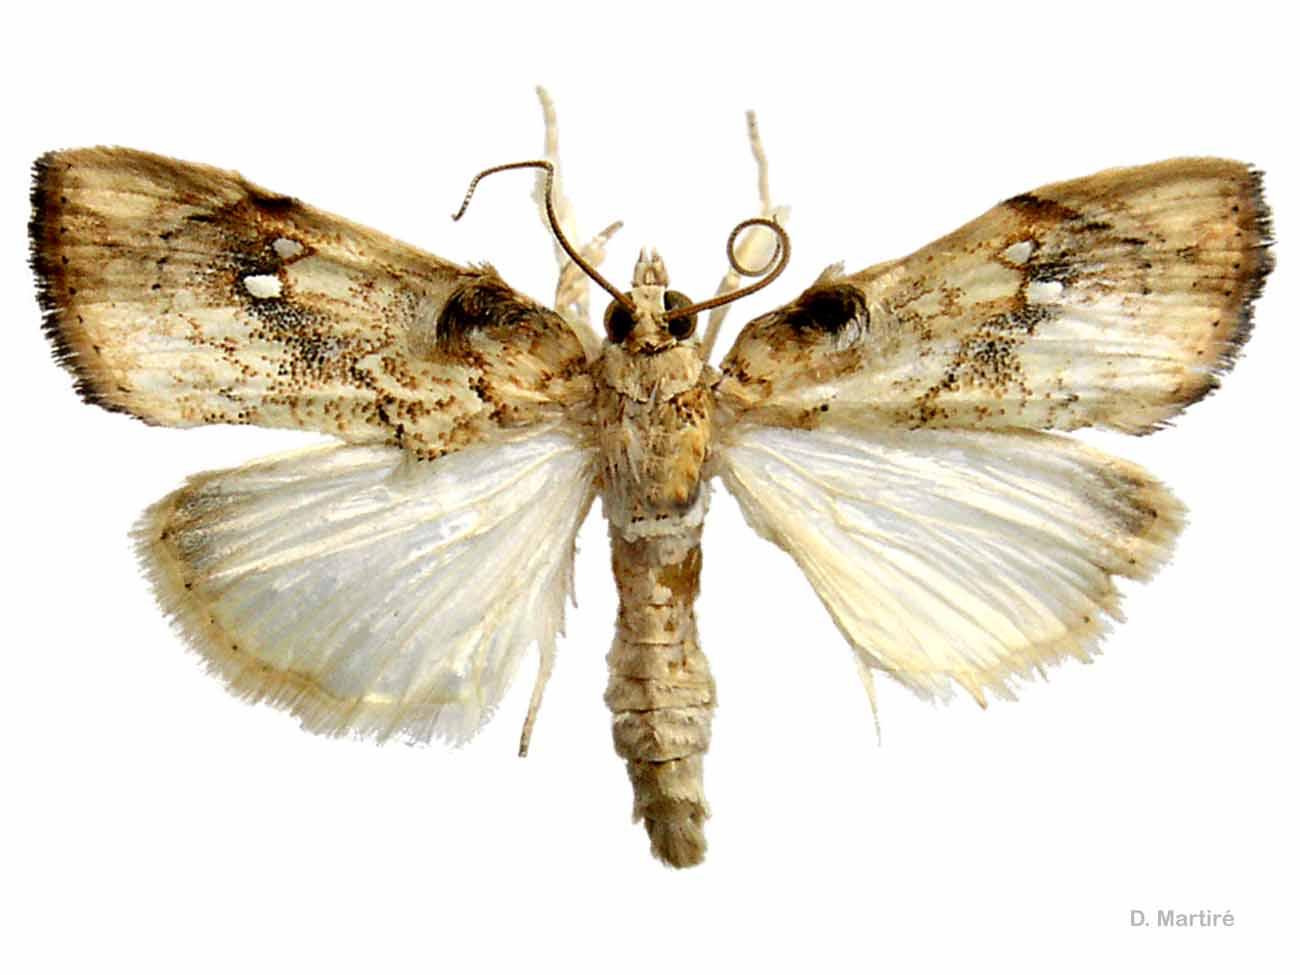 Crocidolomia pavonana